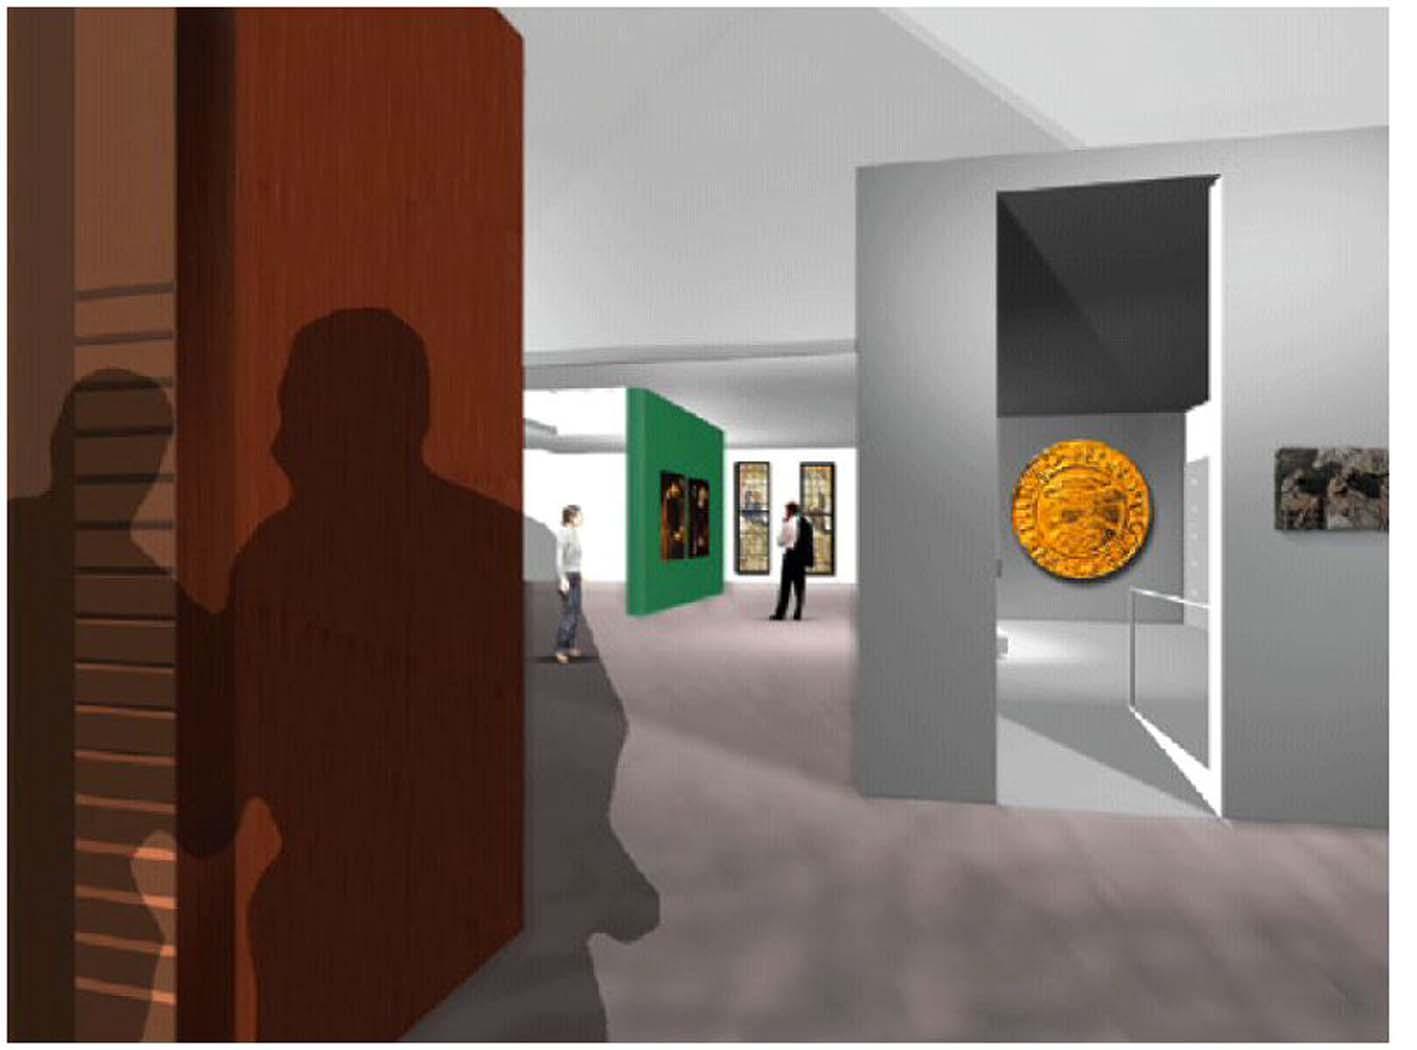 wettbewerb-ostfriesisches-landesmuseum-emden-7